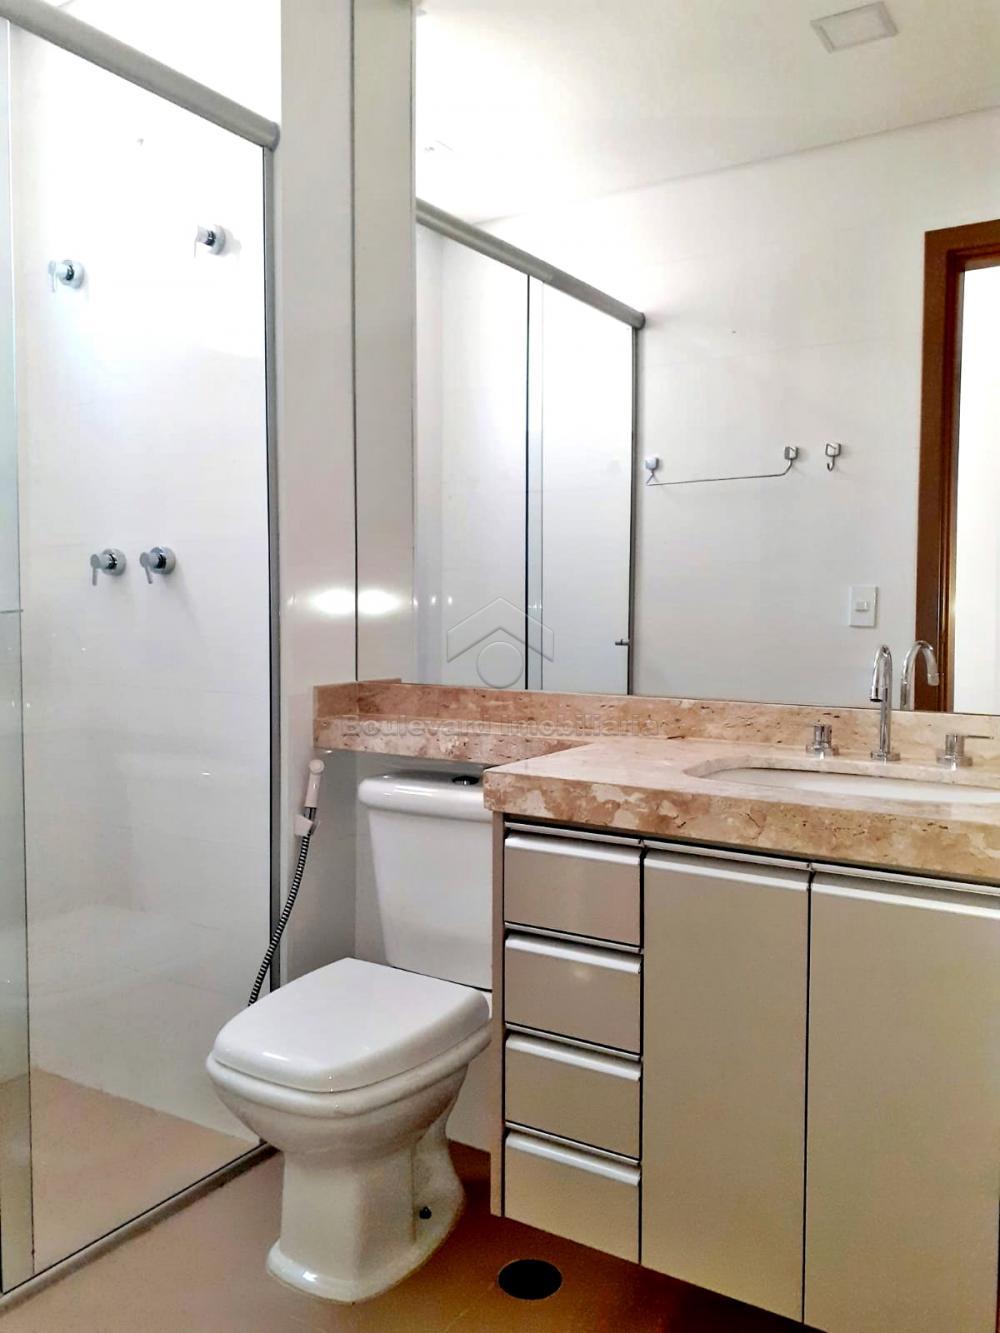 Alugar Apartamento / Padrão em Ribeirão Preto R$ 2.950,00 - Foto 18